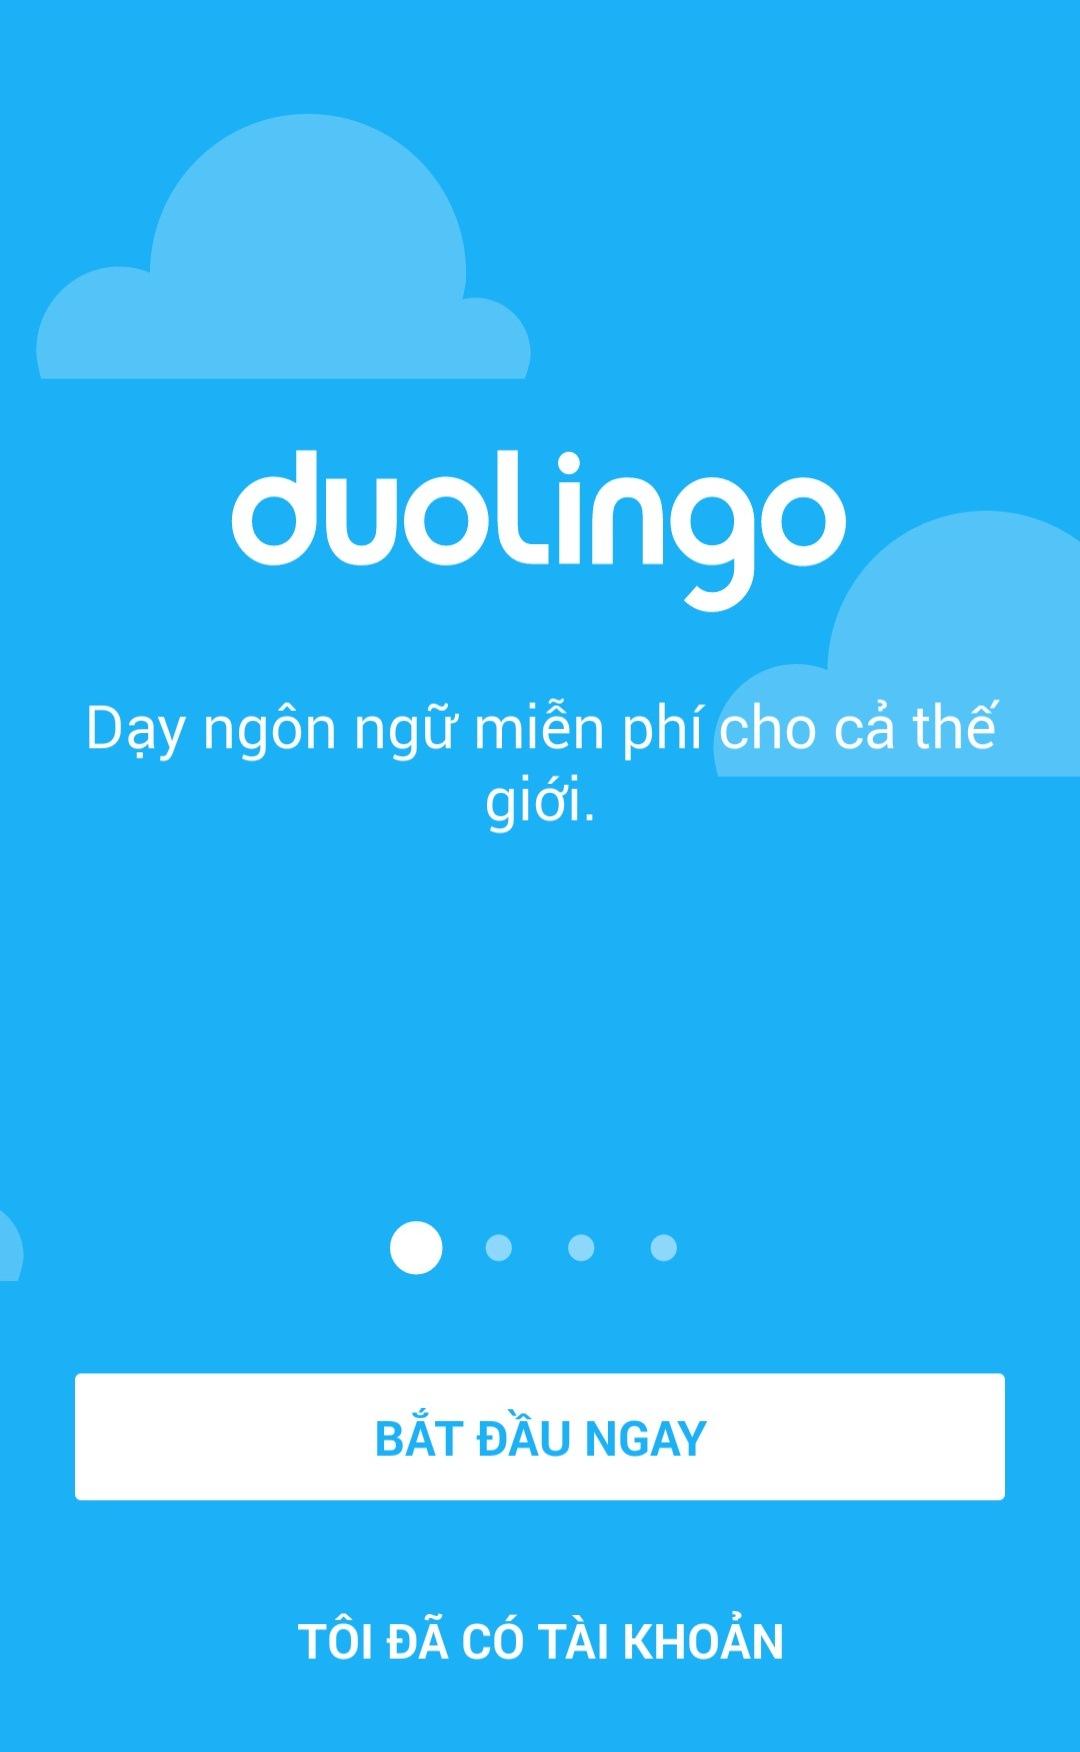 Ứng dụng Duolingo 1